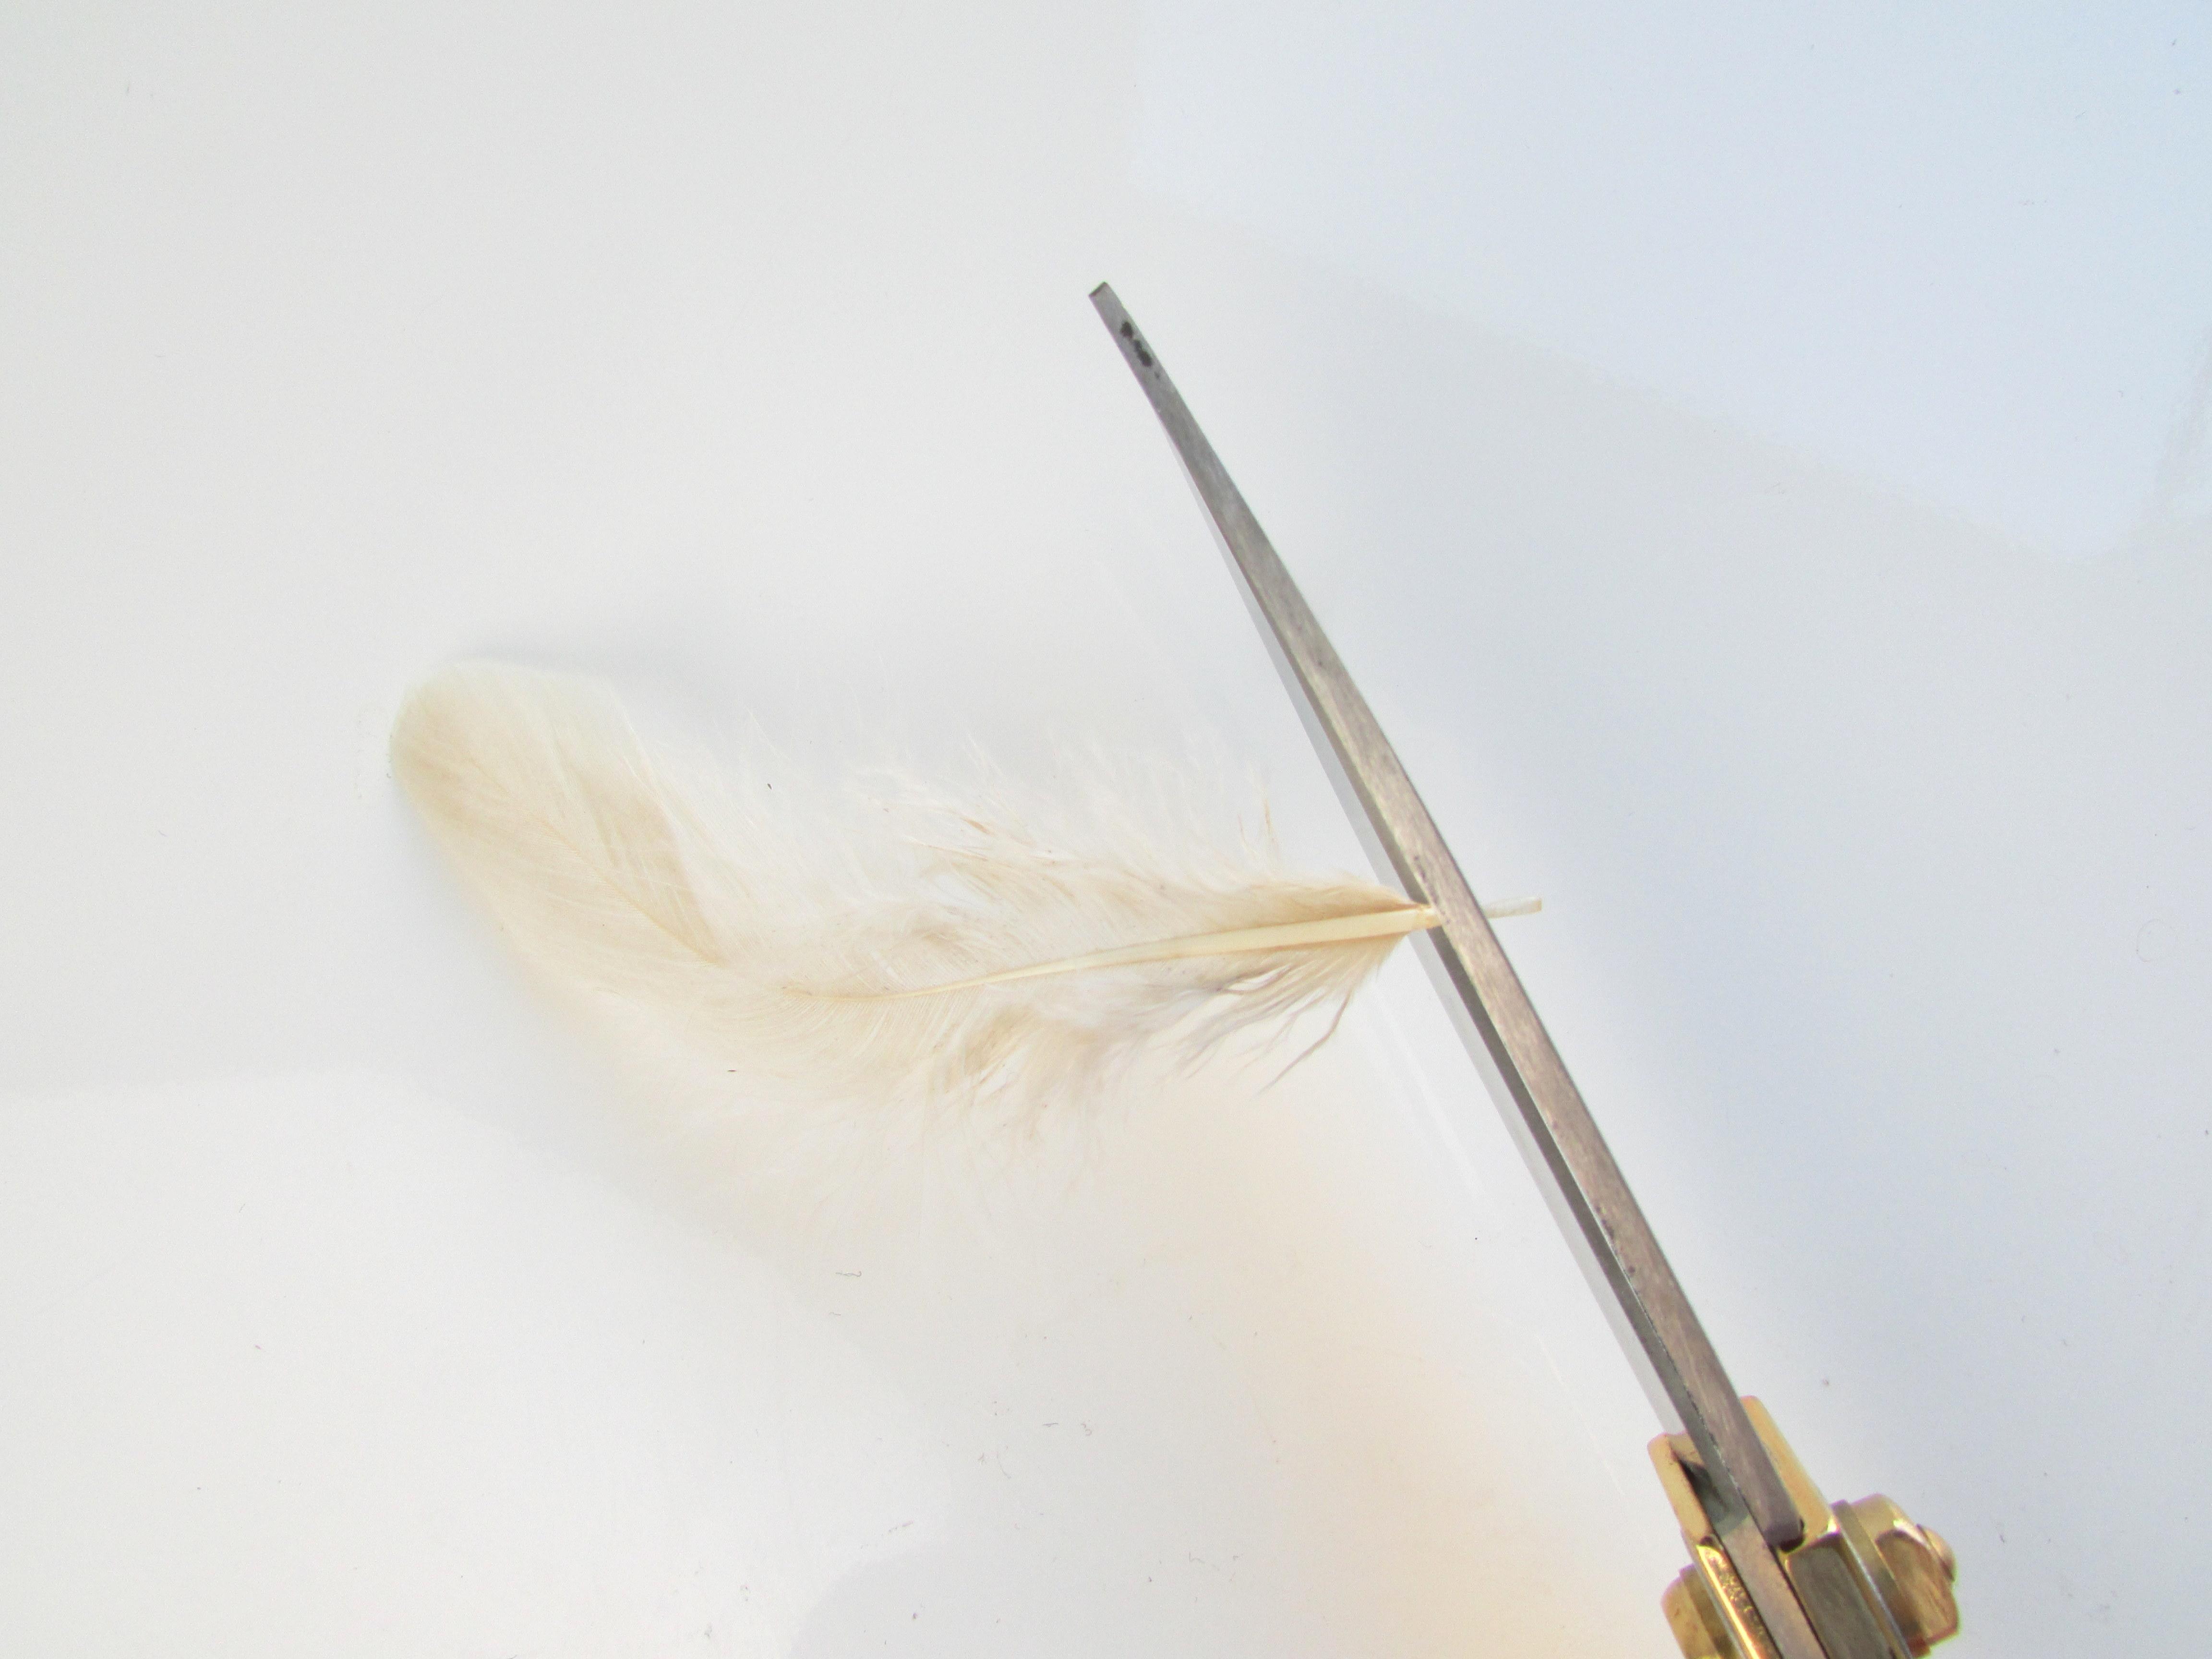 Trimming quills